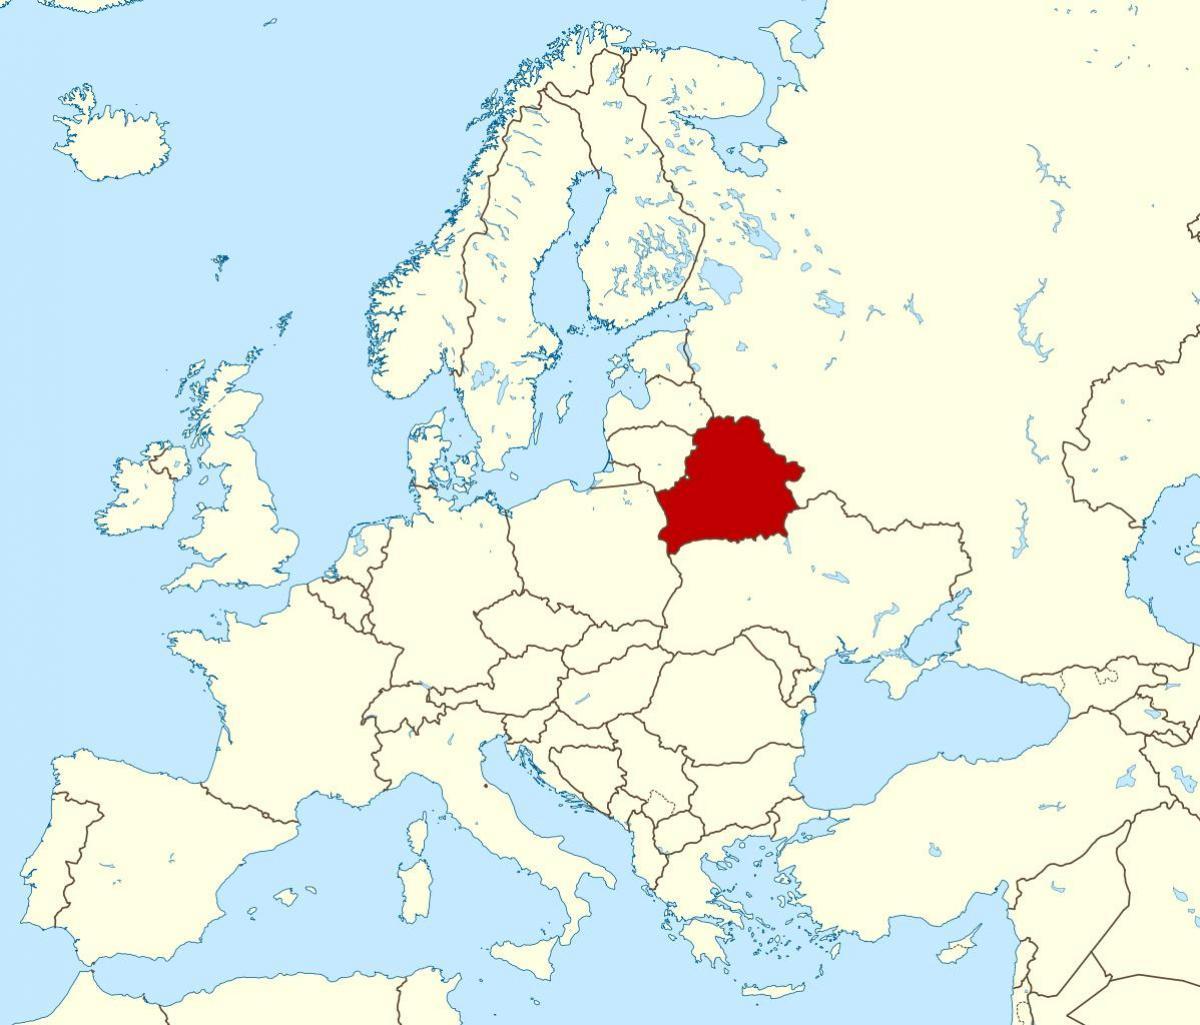 la-biélorussie-sur-la-carte-du-monde